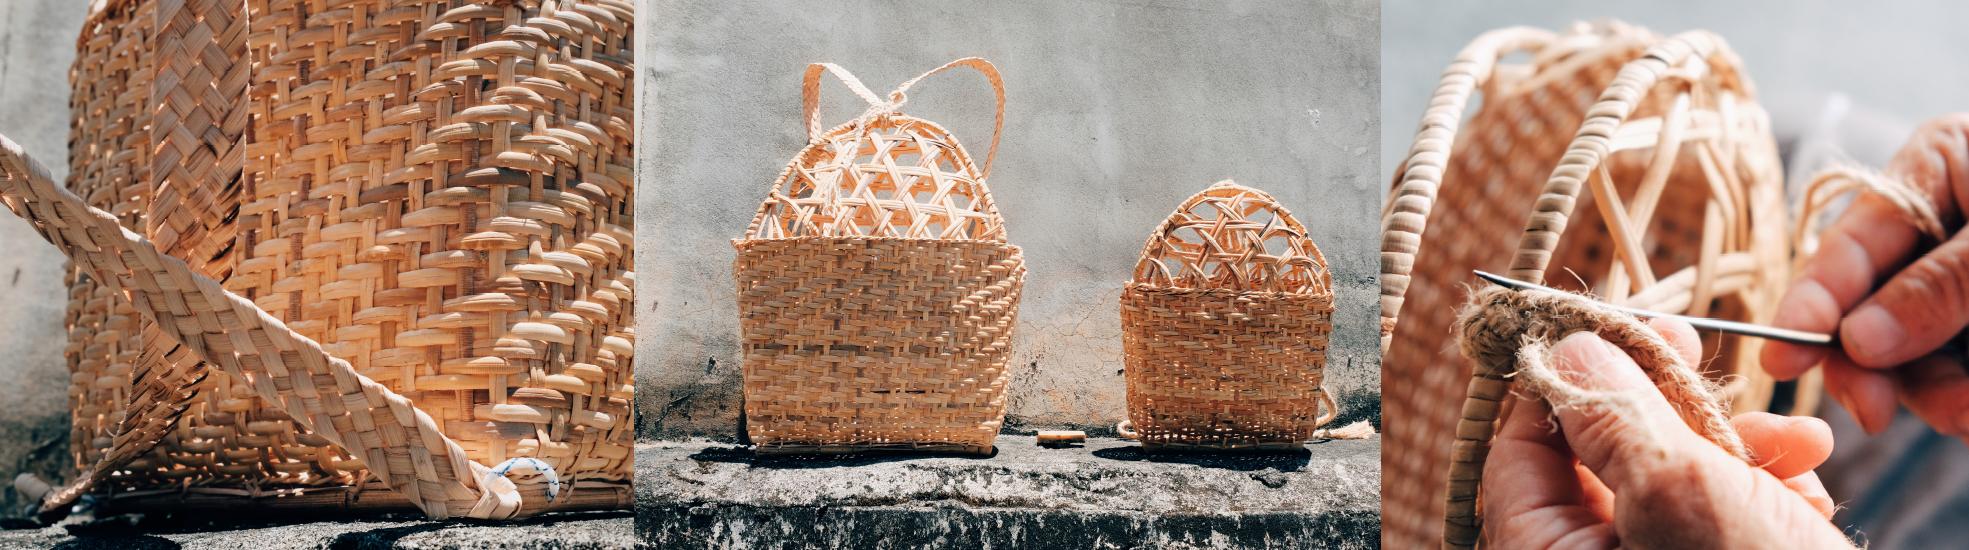 圖左:用籐皮製作的揹帶。圖中:一大一小的kaway都是由Roit阿公製作的。圖右:將麻繩縫製在kaway頭部。